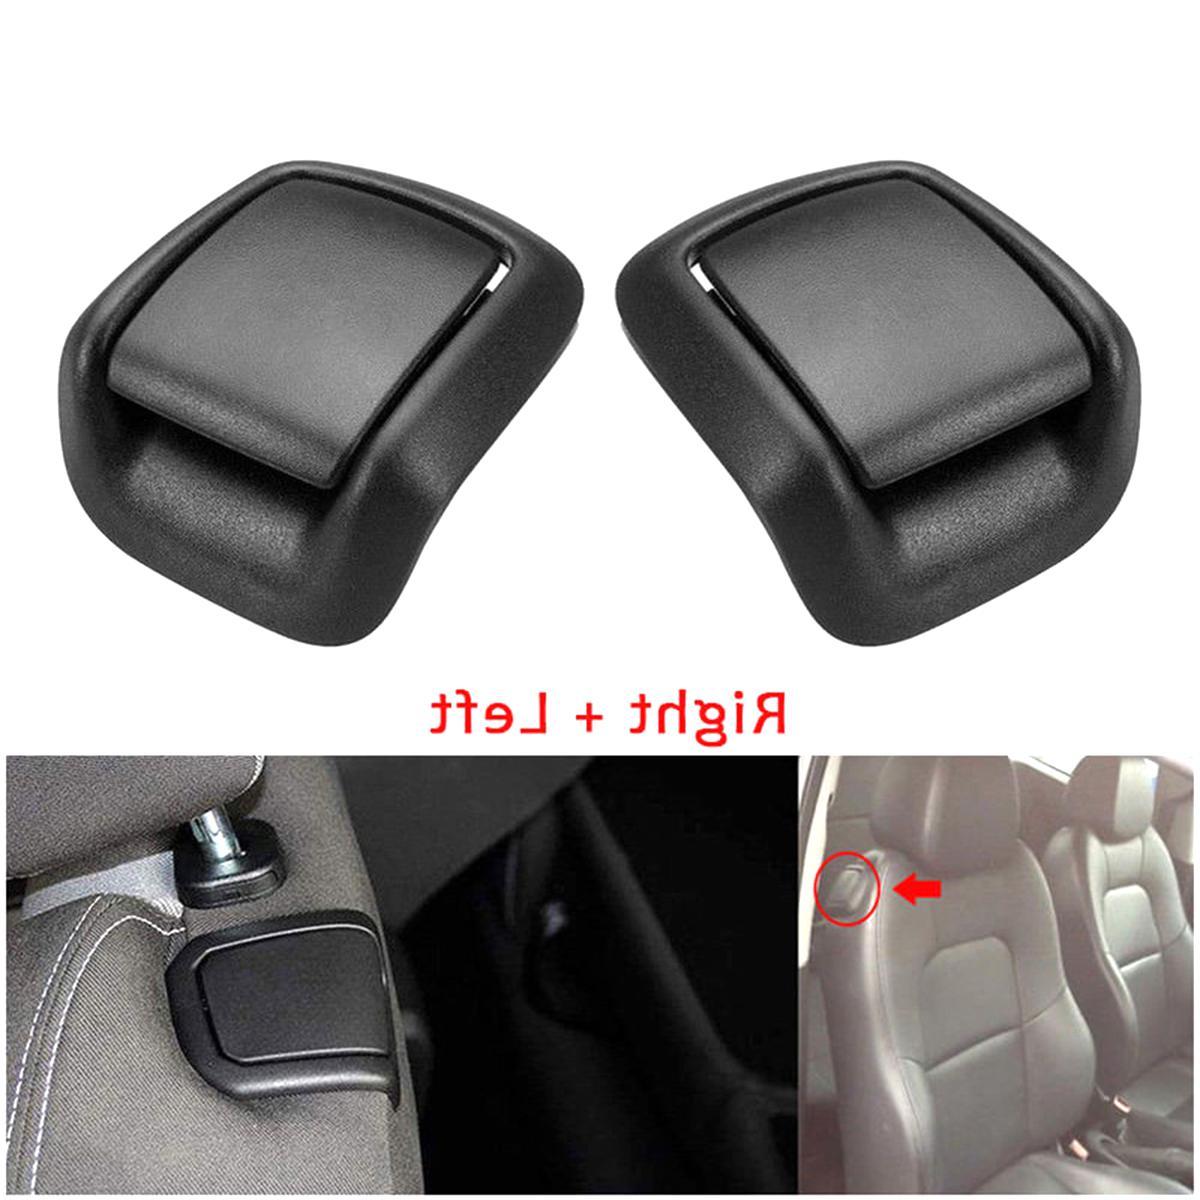 Sitzhebel Sitzverstellung Entriegelungsgriff Links für Ford Fiesta MK6 VI 02-08